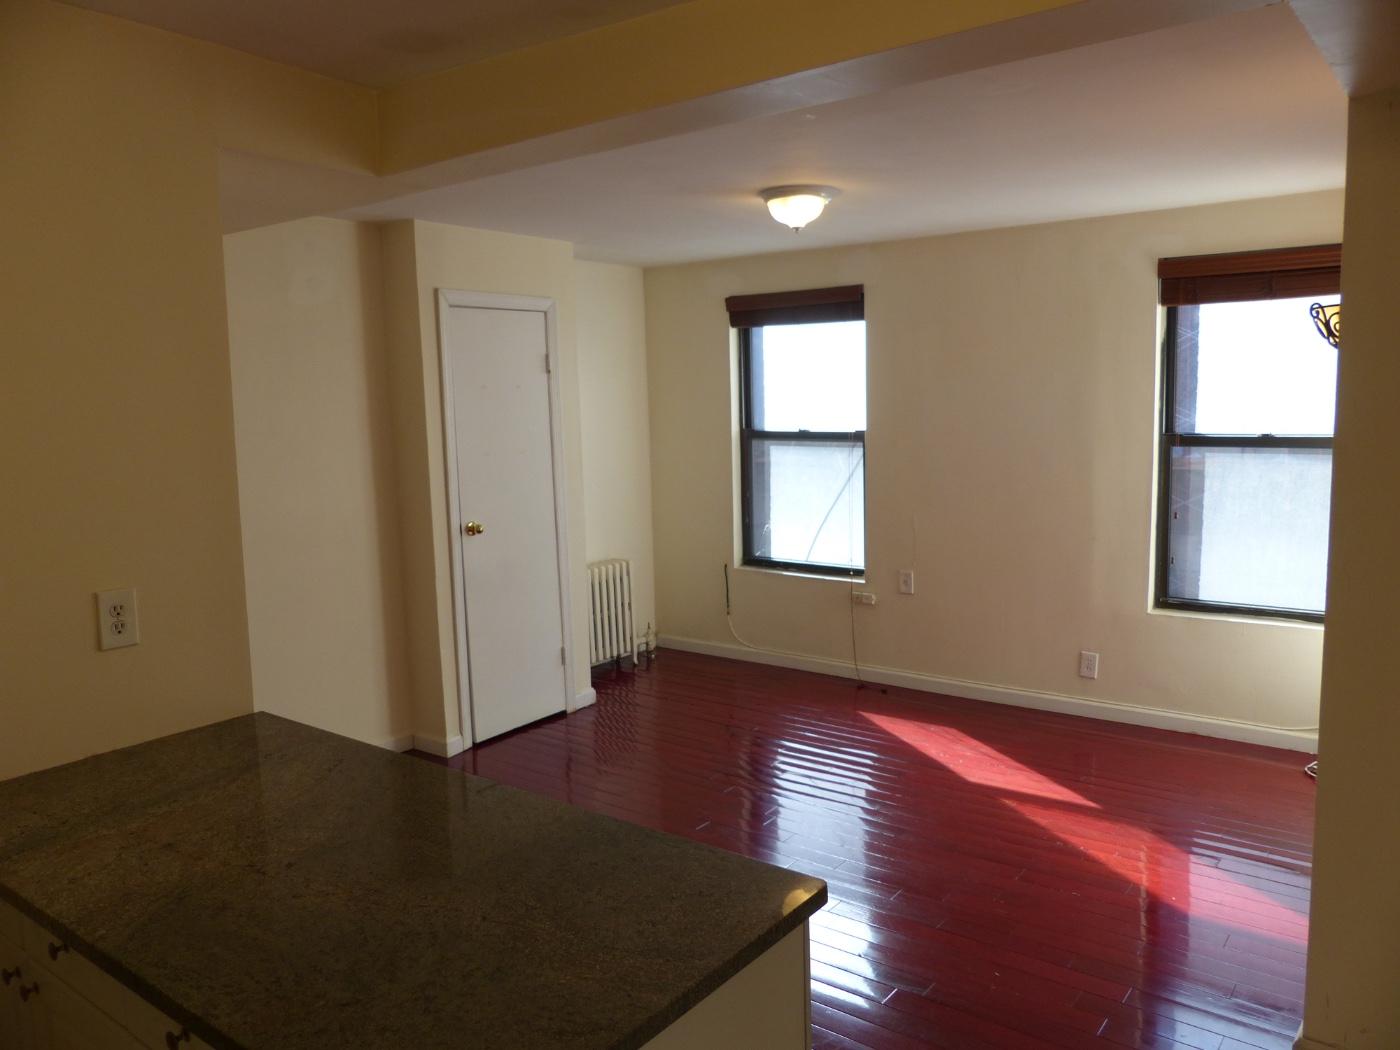 75 Lexington Avenue Kips Bay New York NY 10010